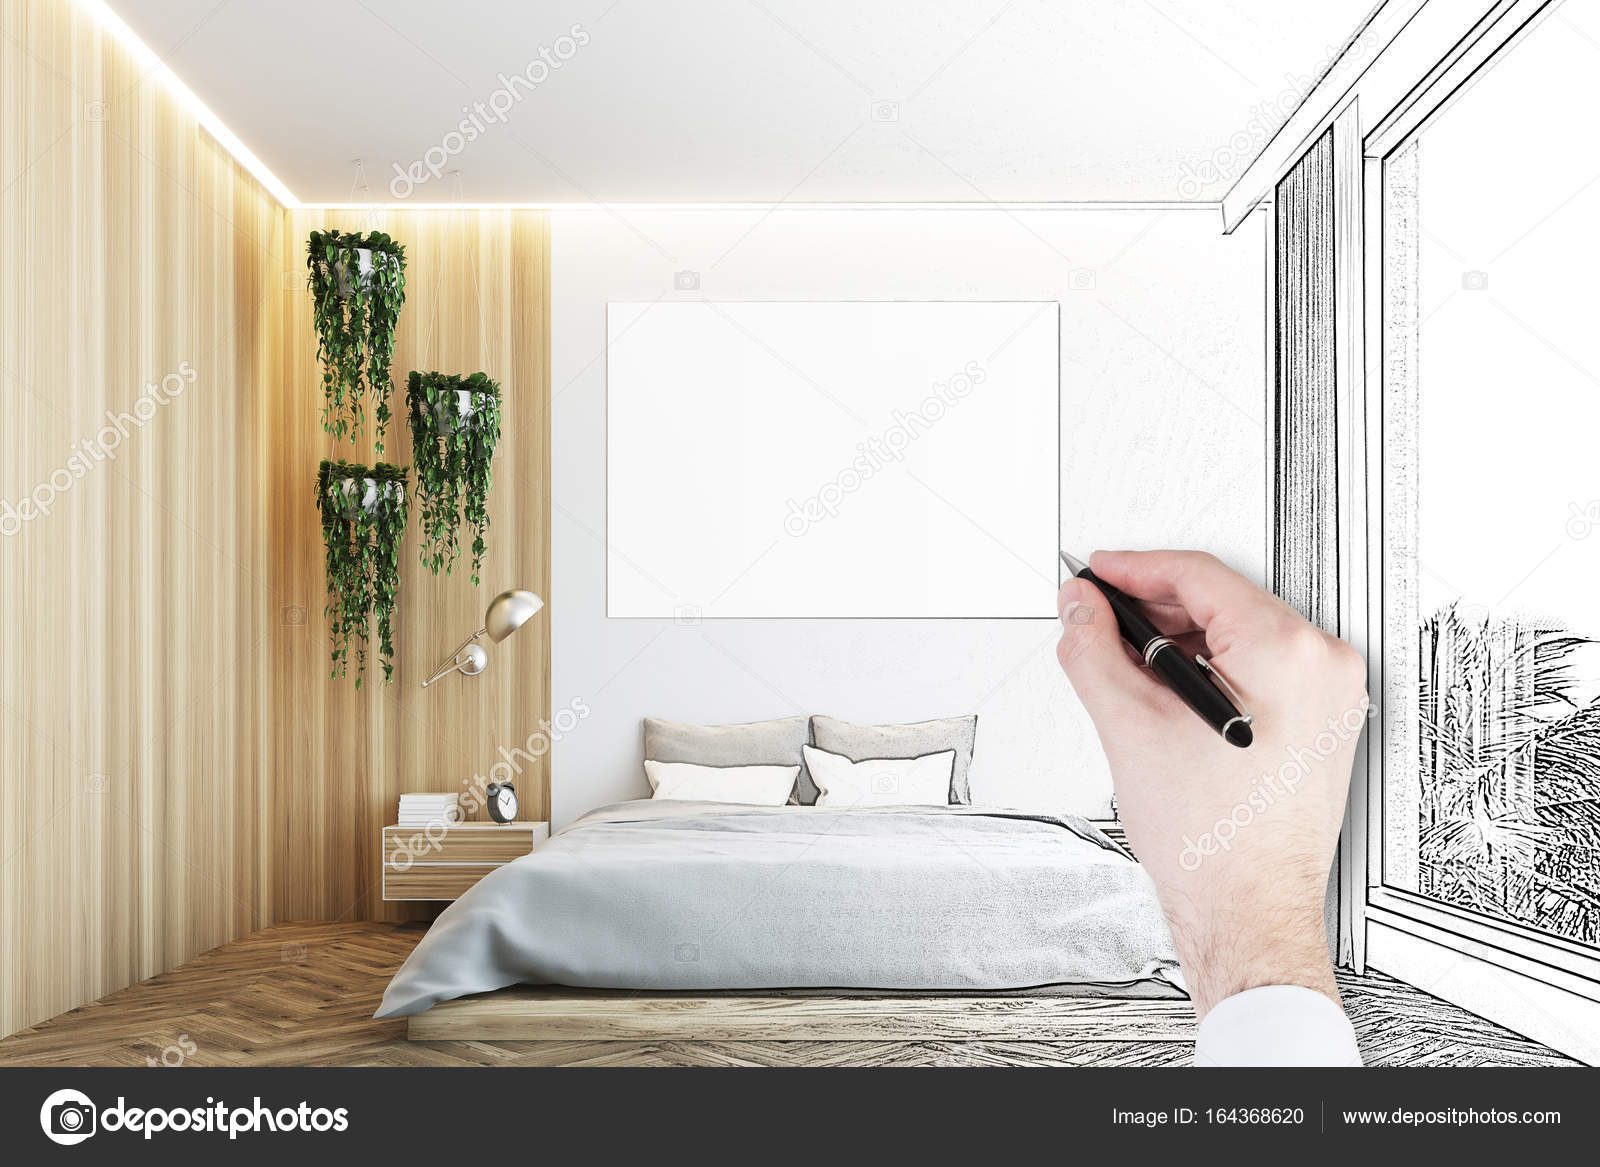 Grau Und Holz Schlafzimmer Plakat Hand Stockfoto